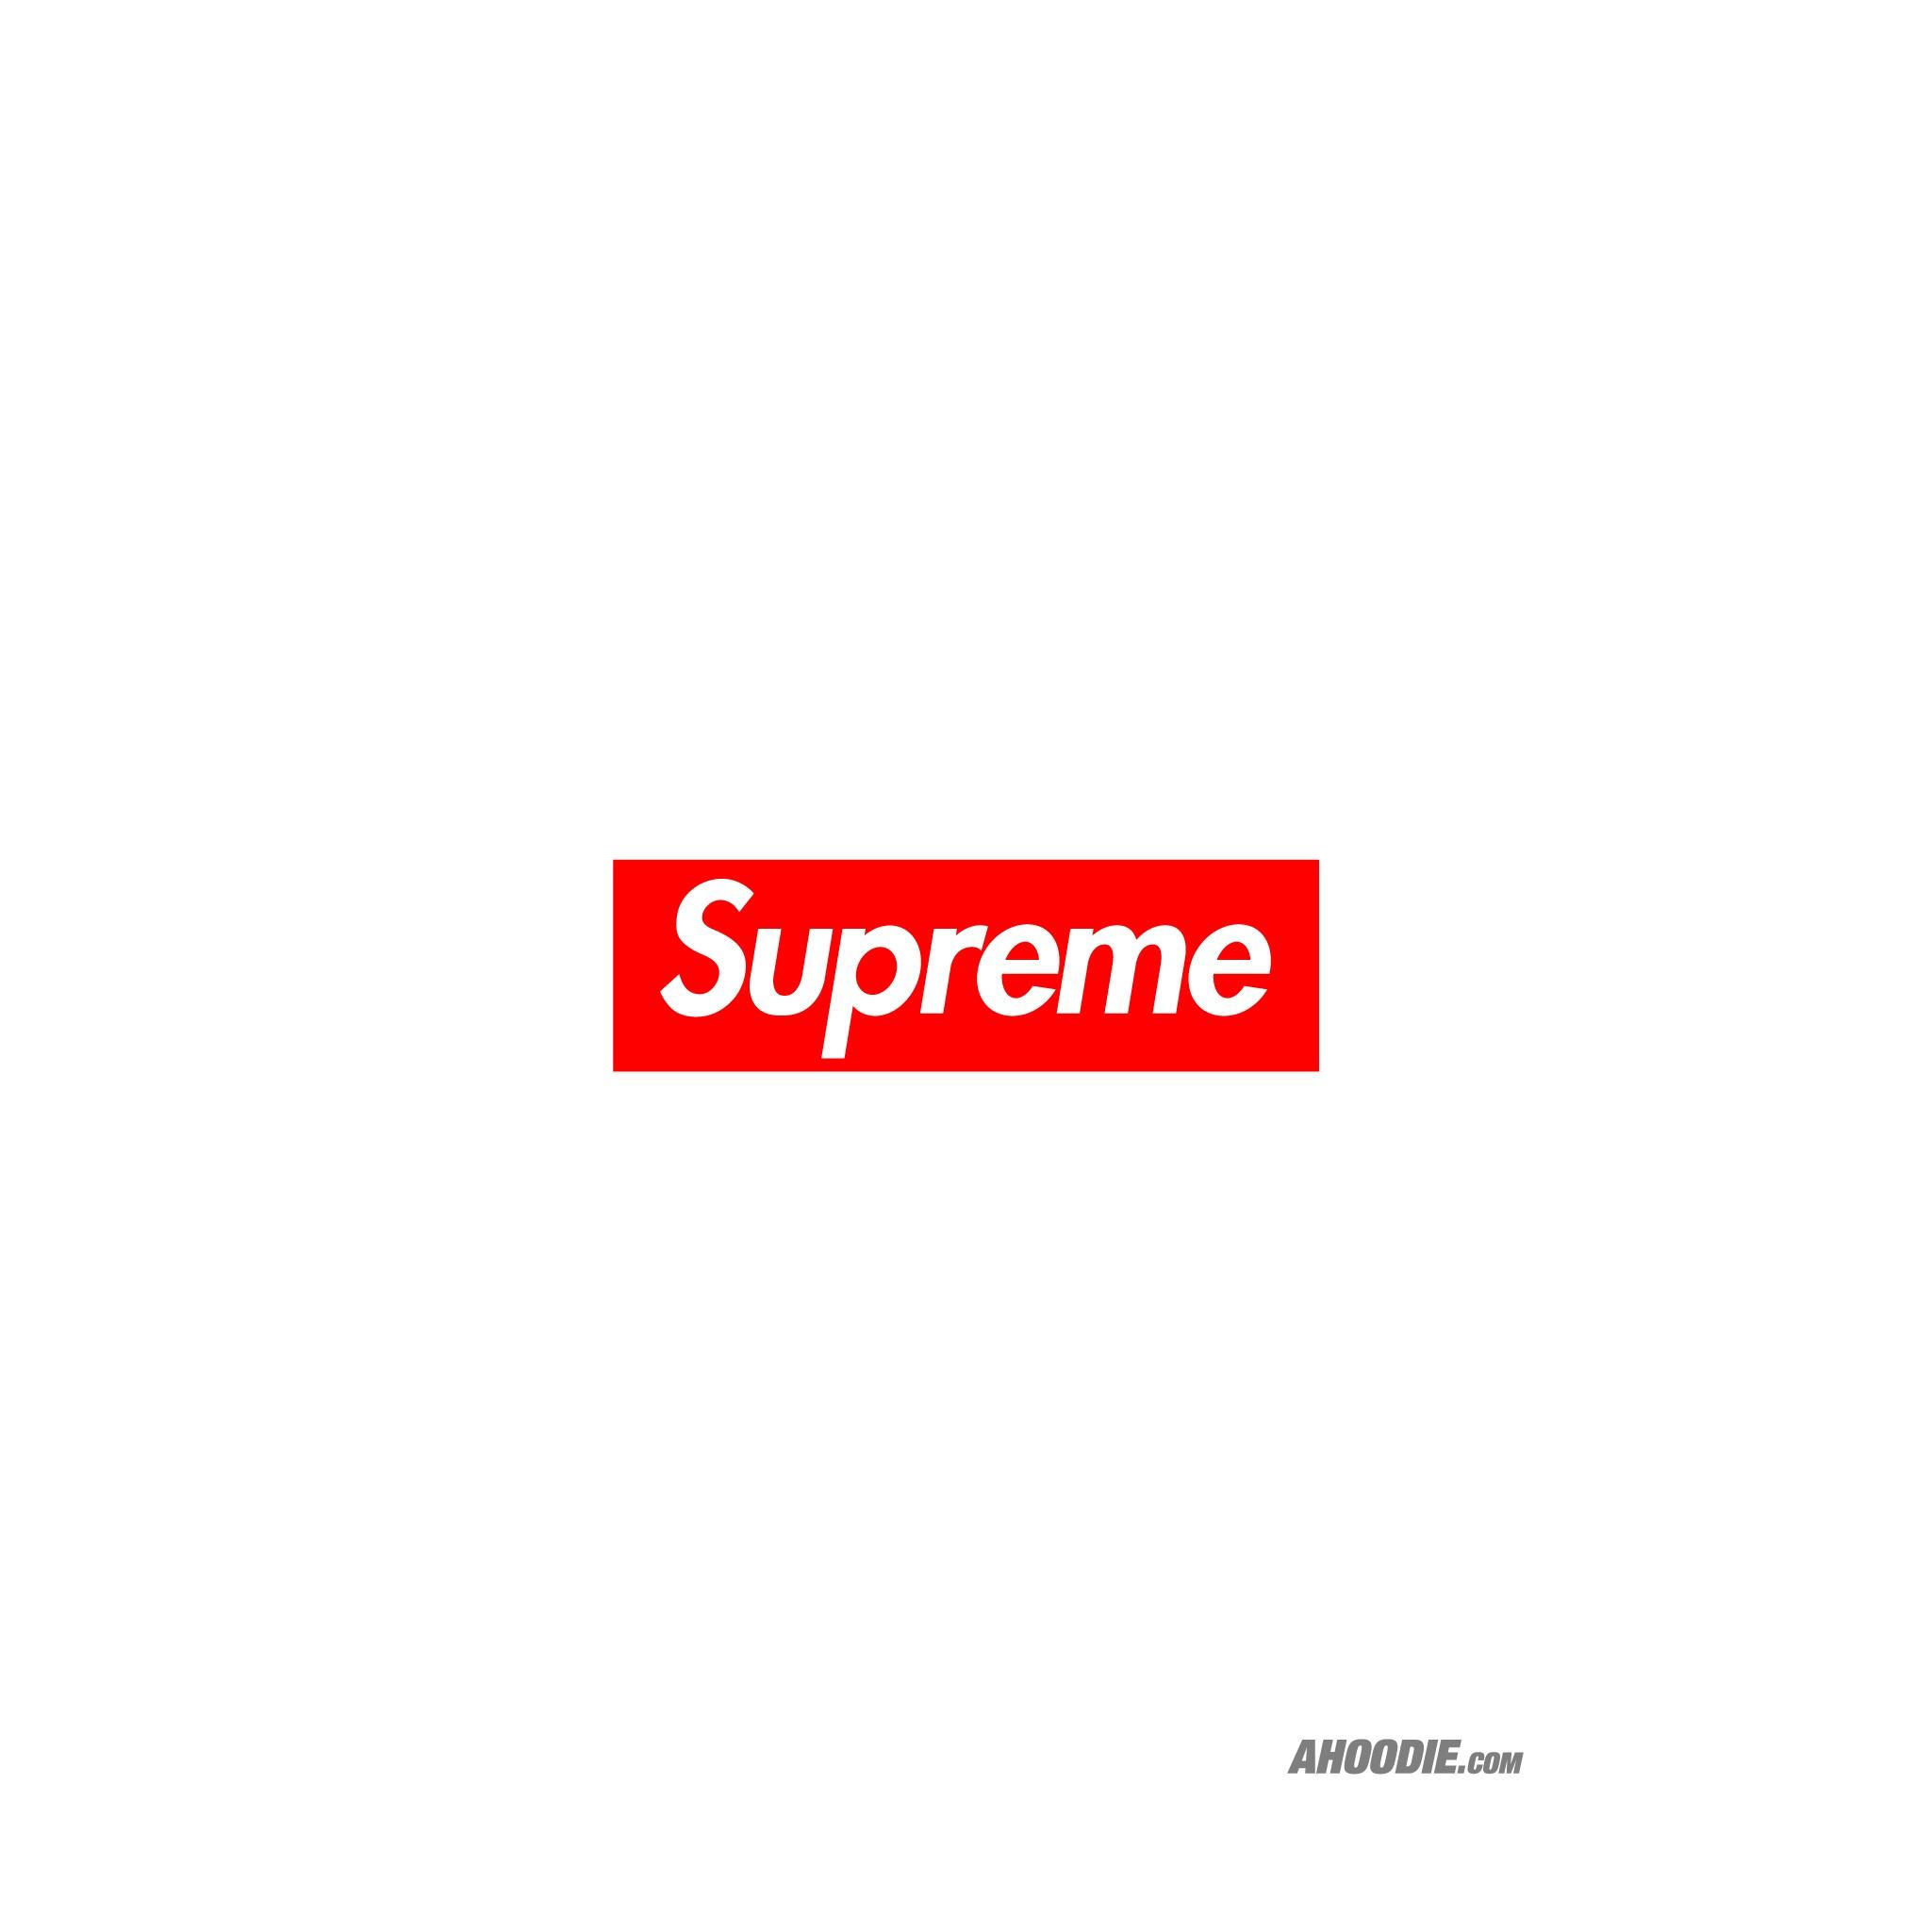 6f362e30f0da Supreme Logos